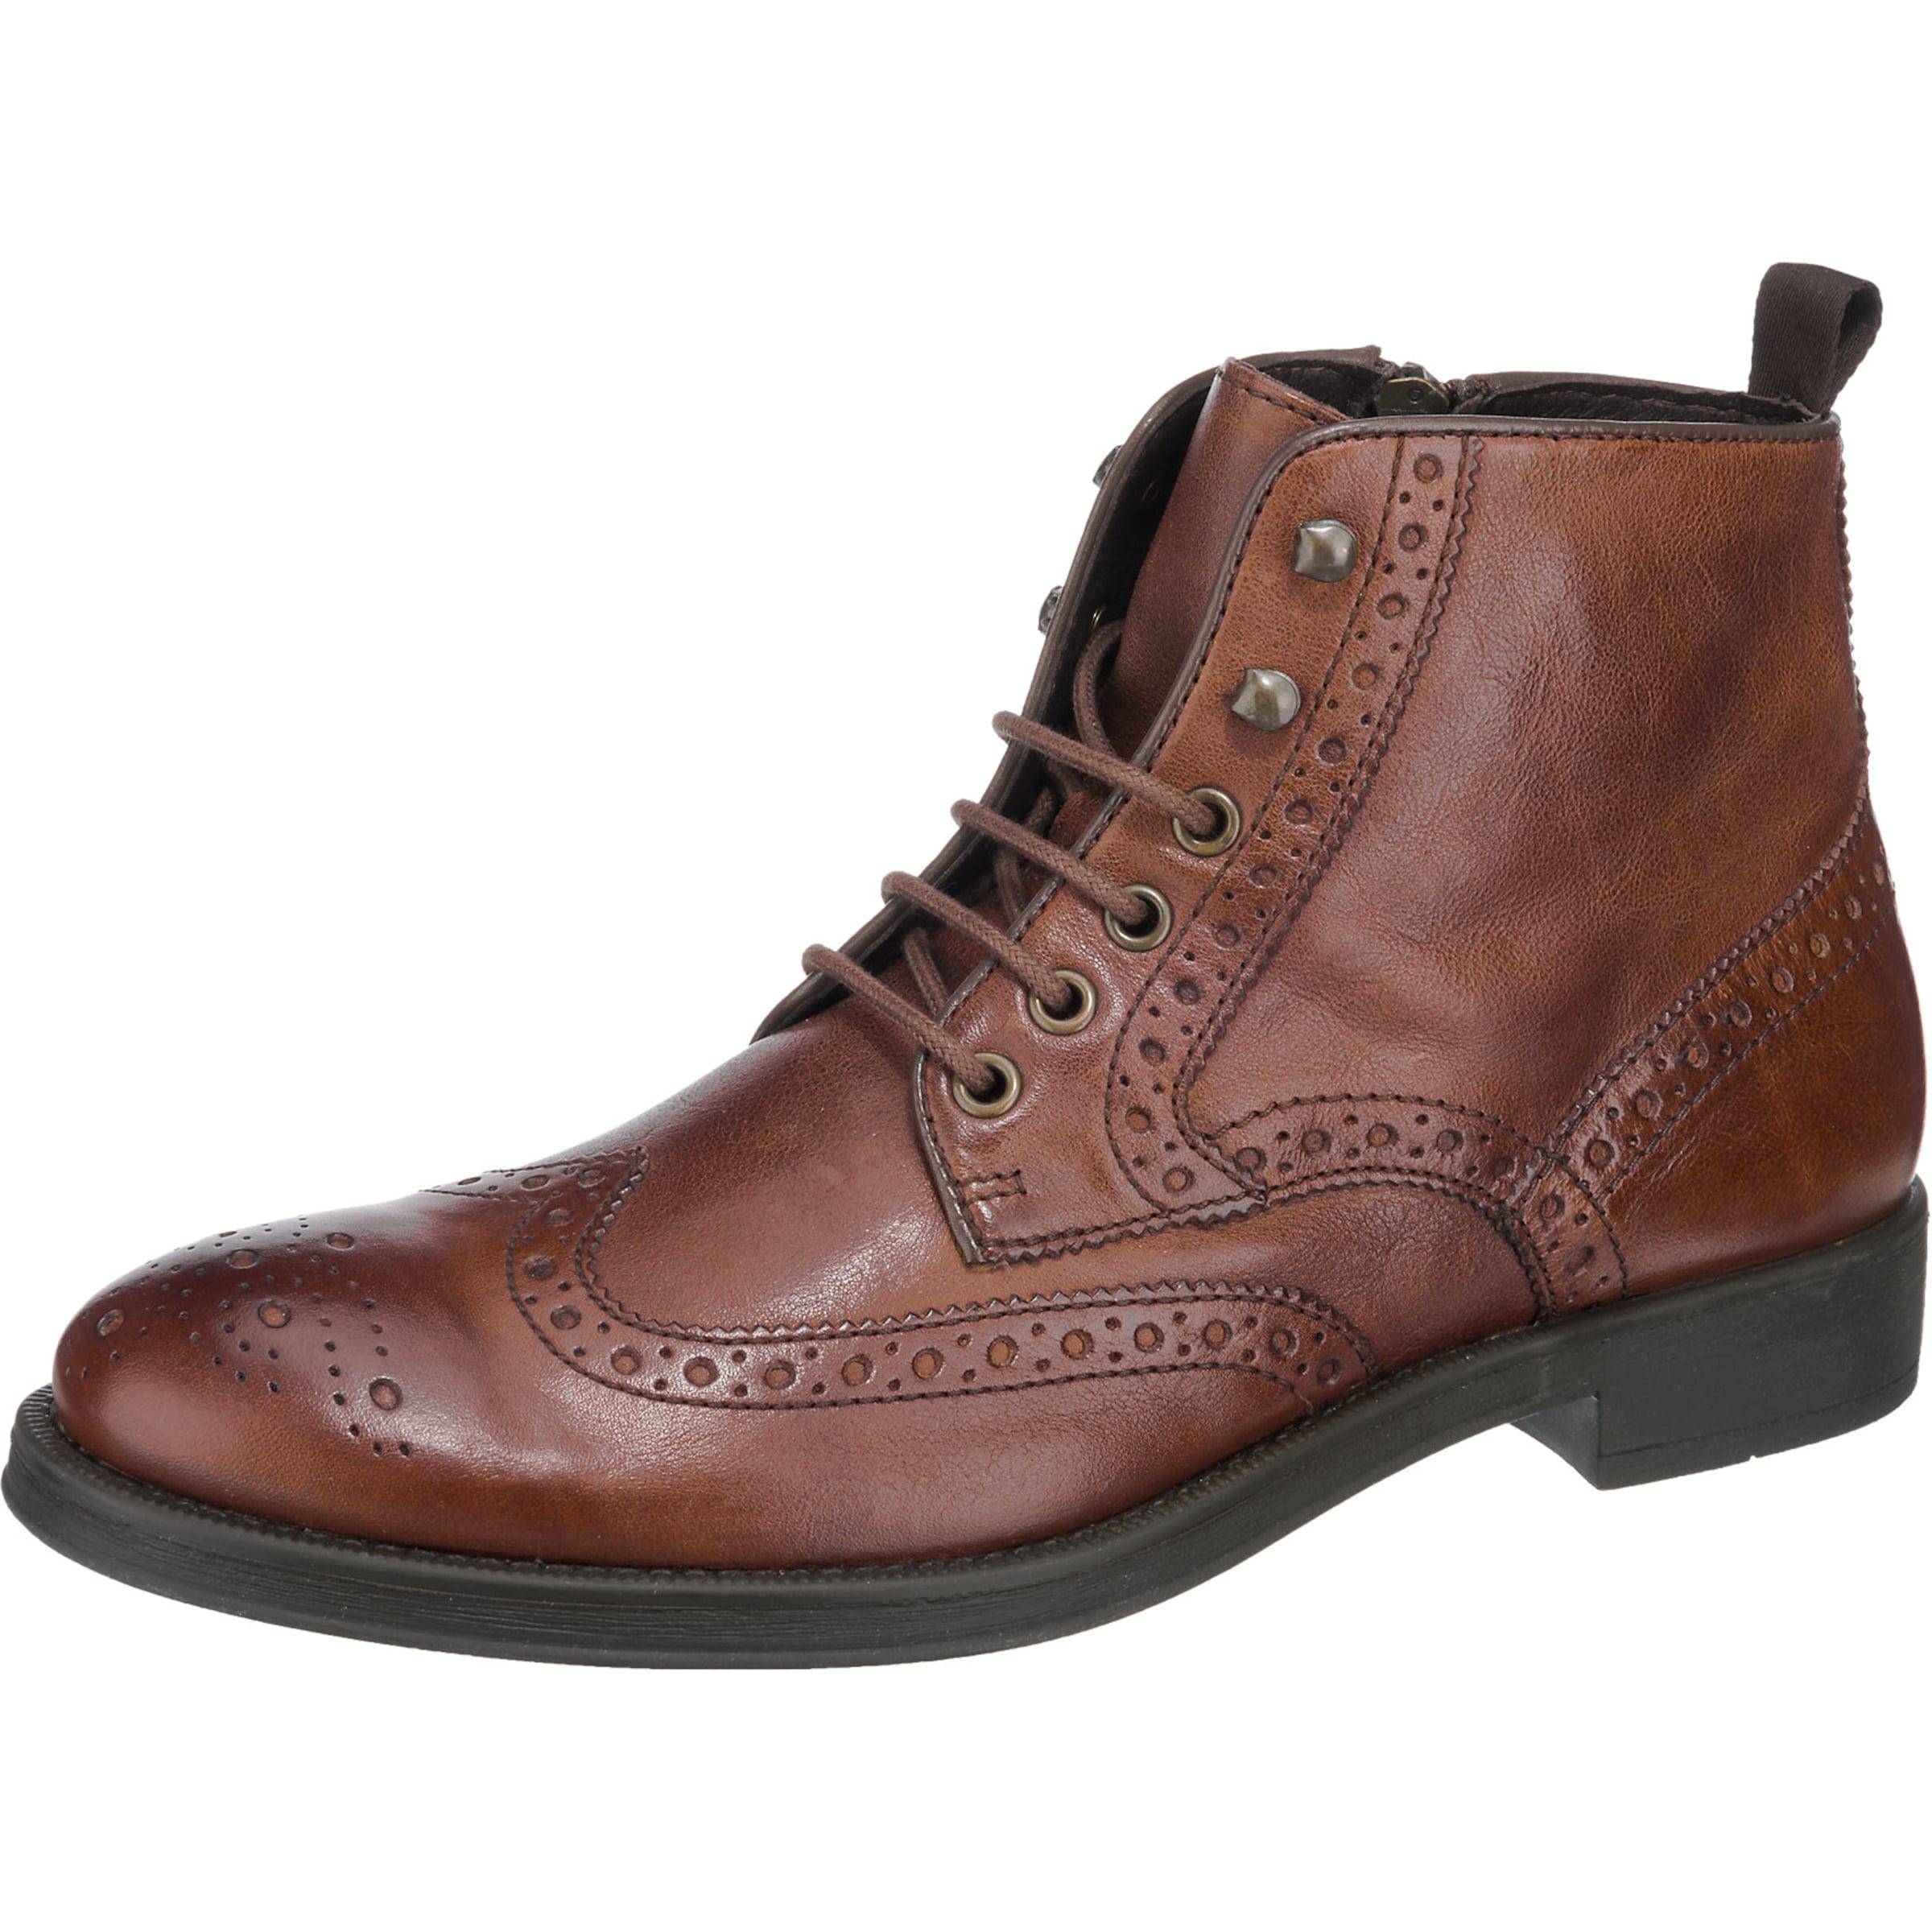 GEOX | Blade Stiefel & Stiefeletten Schuhe Gut getragene Schuhe